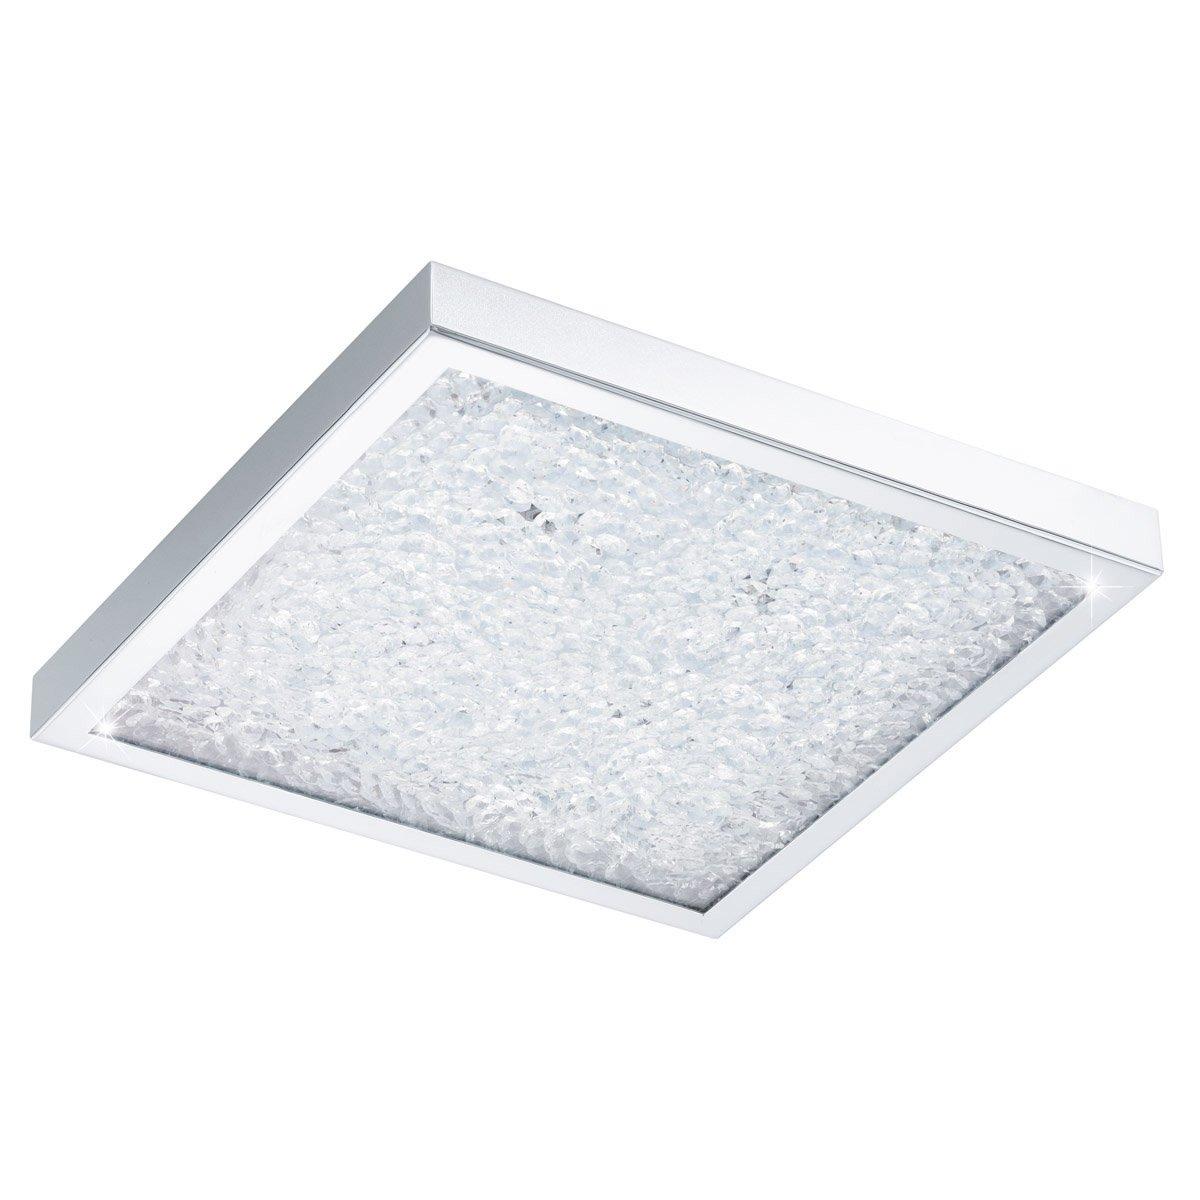 Eglo Plafondlamp Cardito kristal Eglo 32025